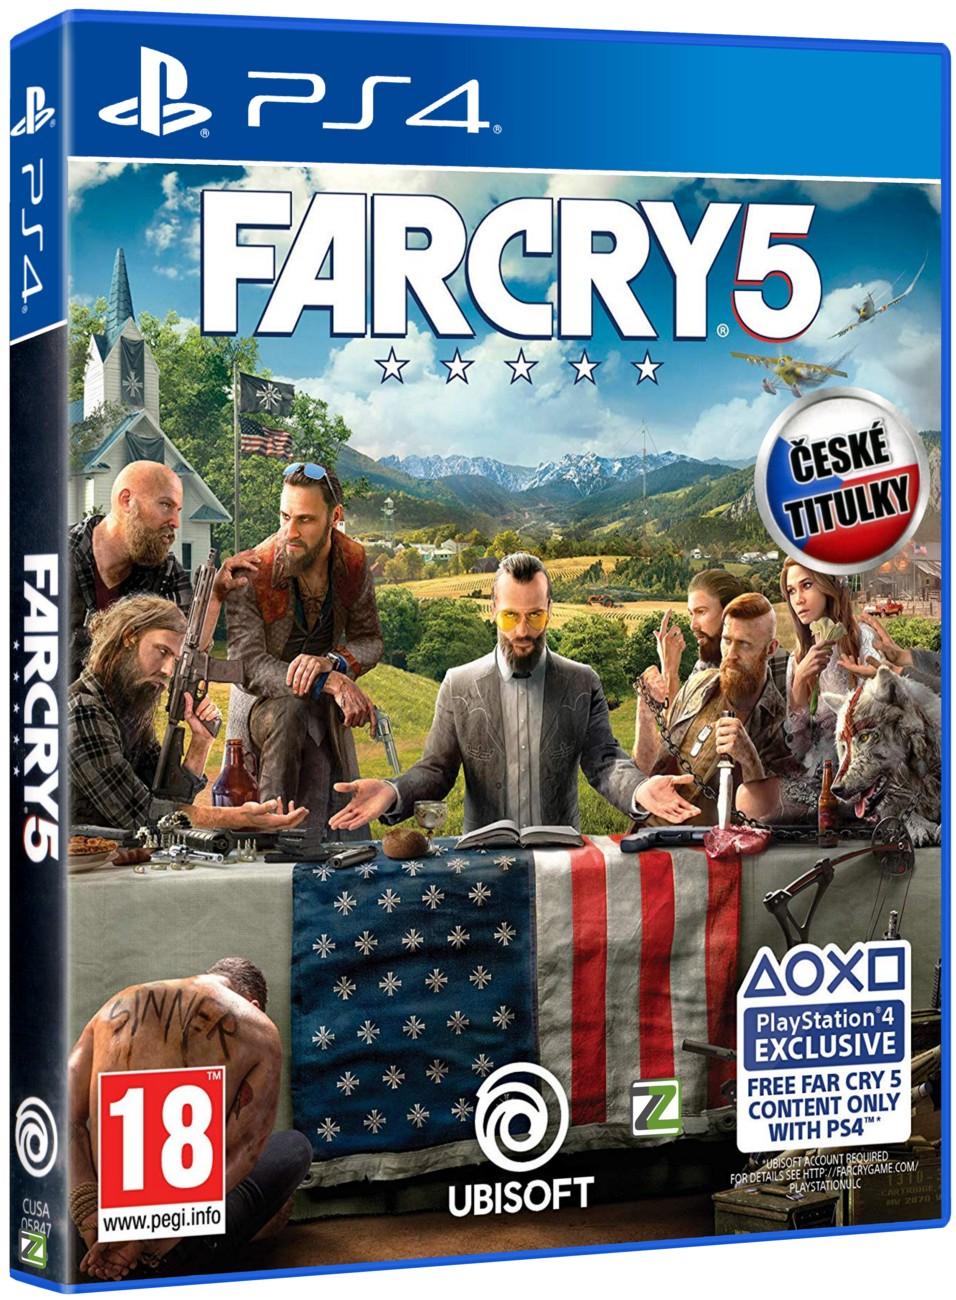 FAR CRY 5 - PS4